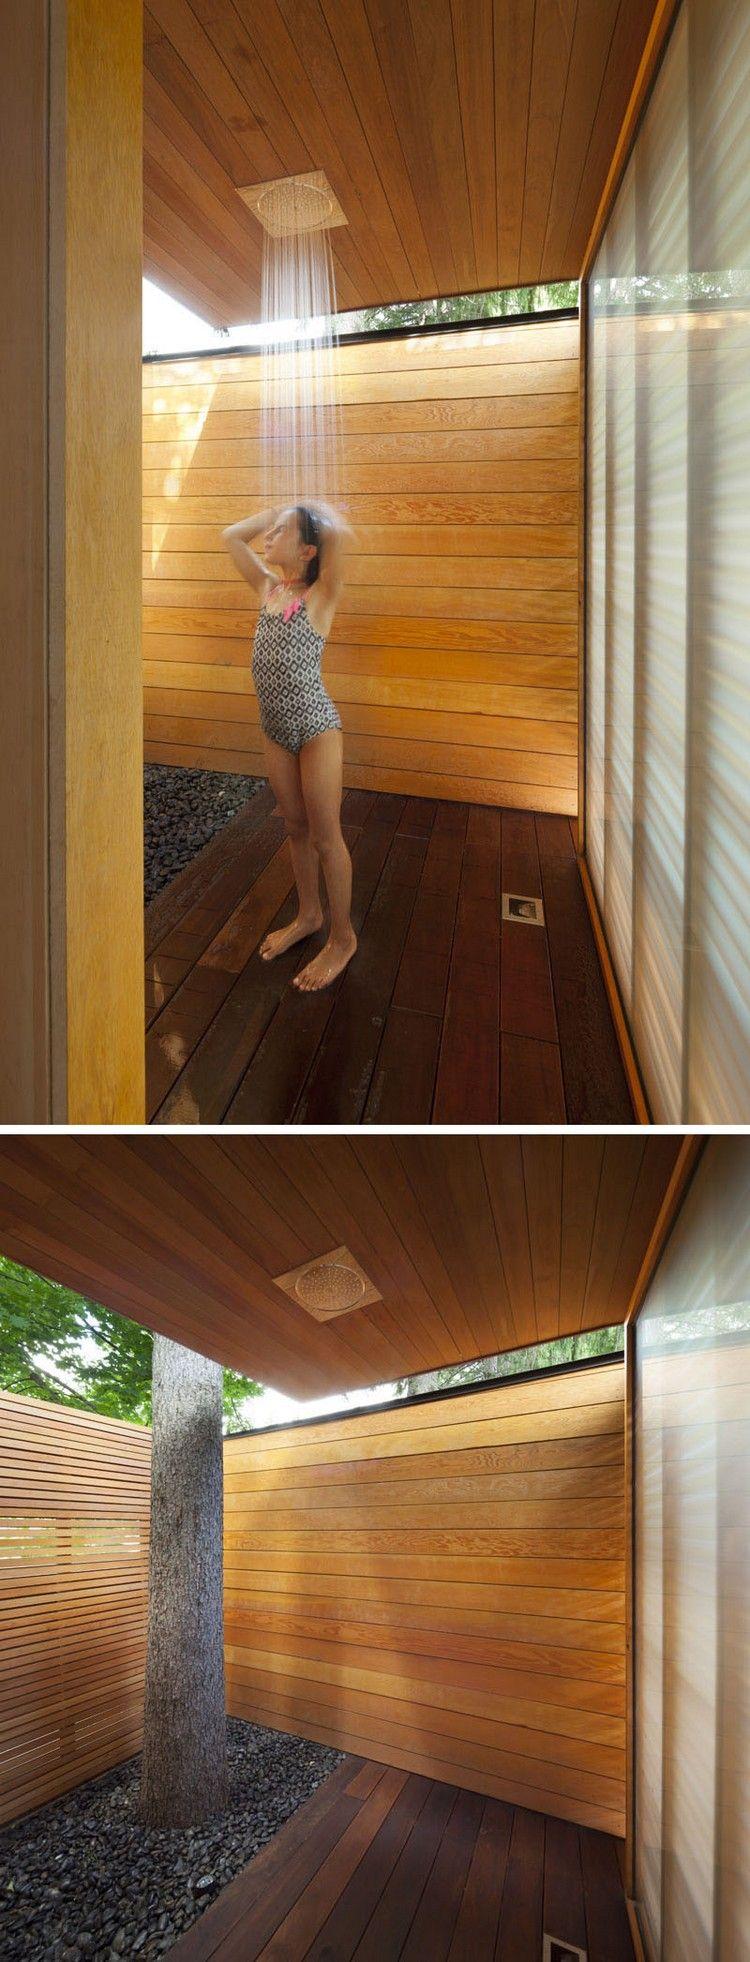 Modernes Poolhaus aus Holz mit Dusche und Umkleideraum in